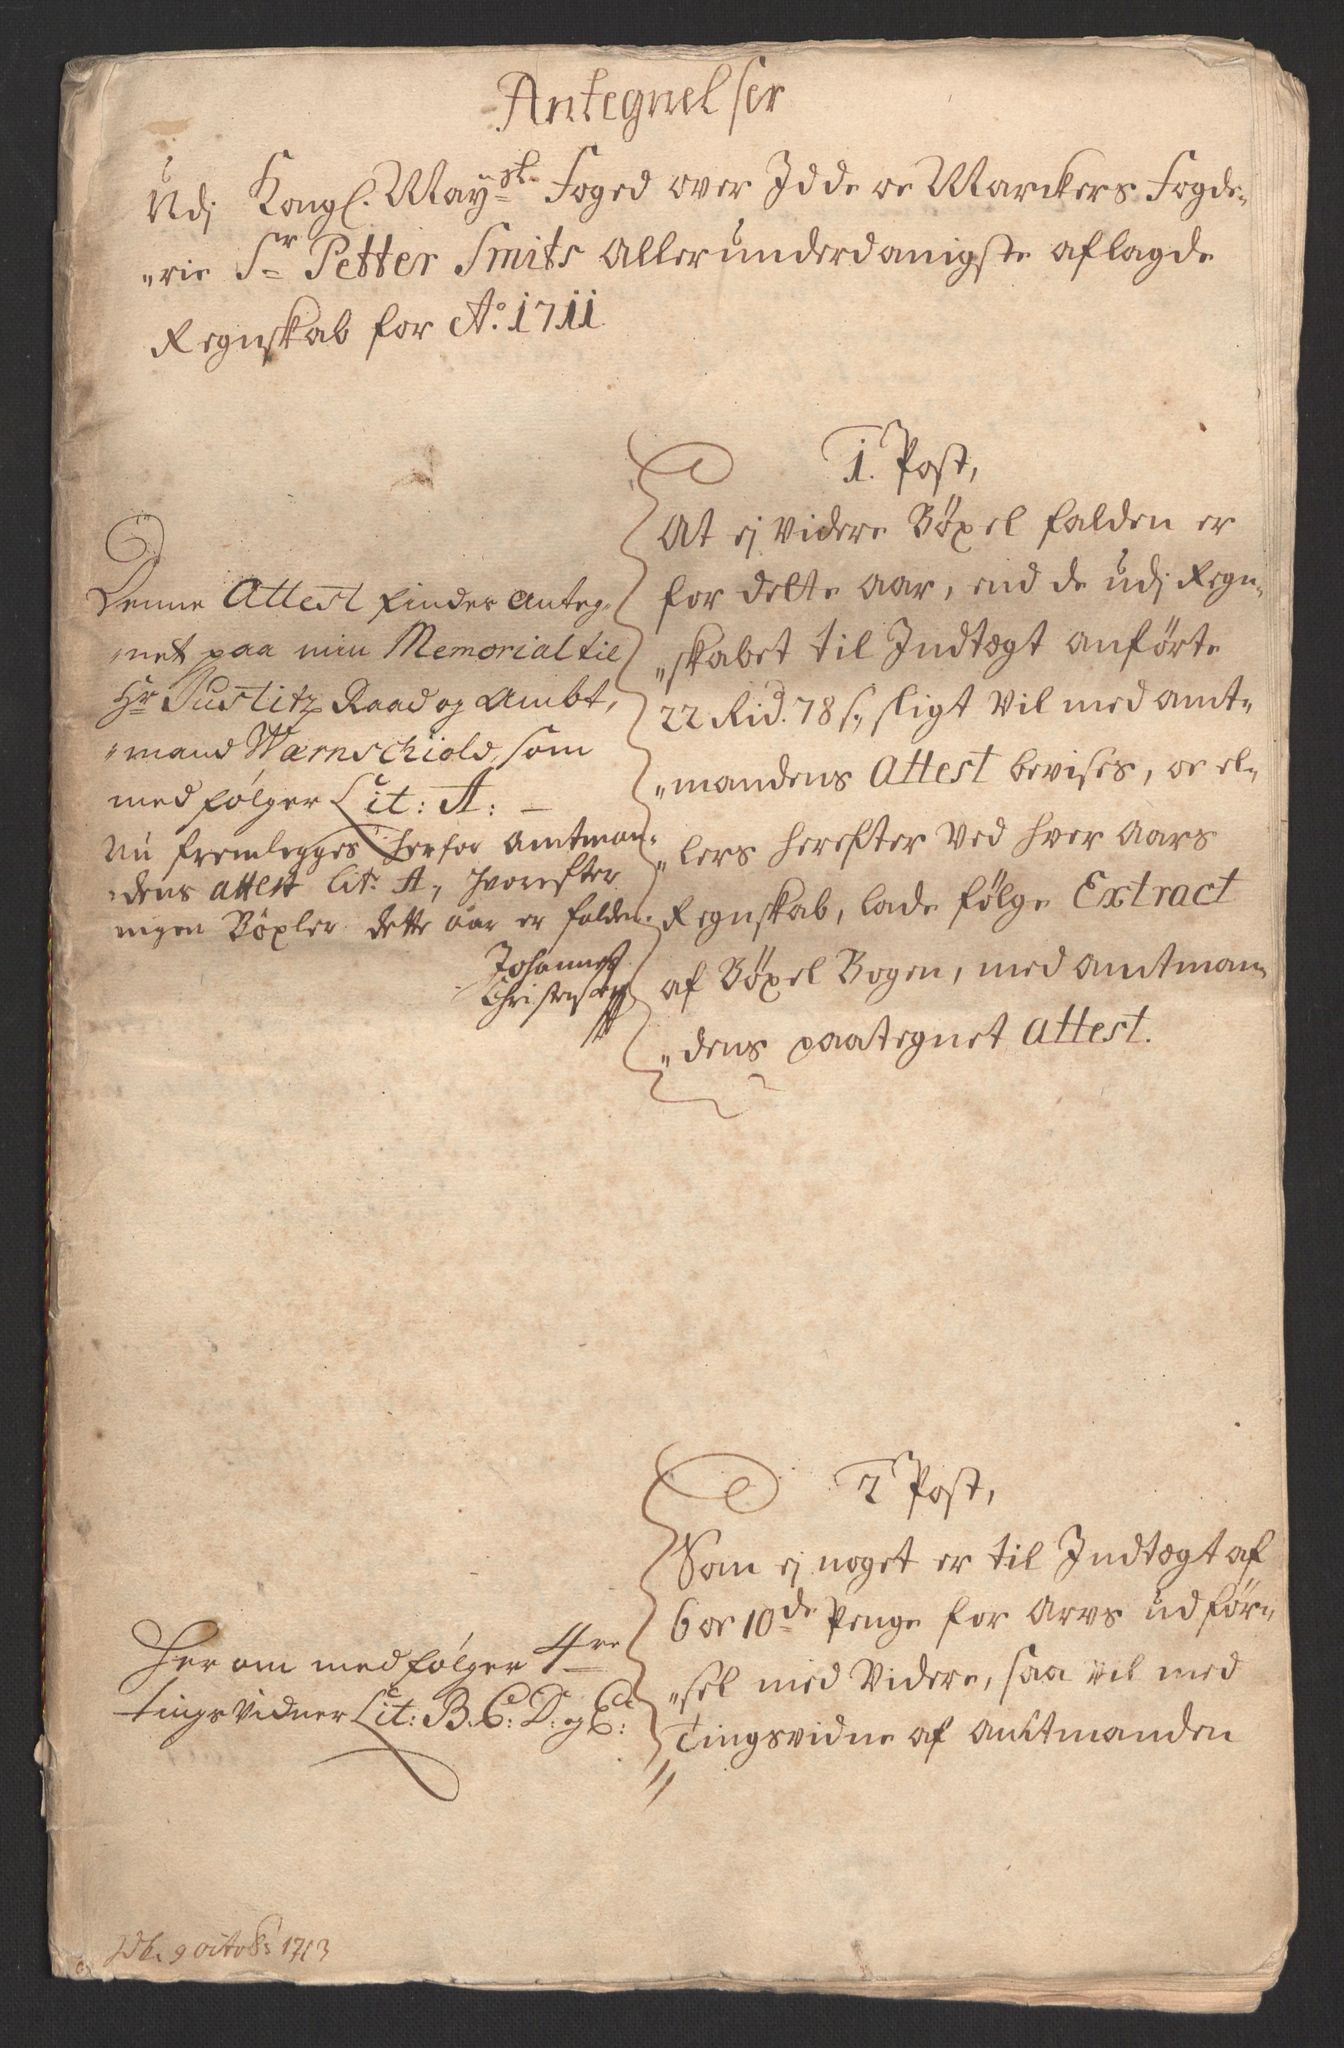 RA, Rentekammeret inntil 1814, Reviderte regnskaper, Fogderegnskap, R01/L0020: Fogderegnskap Idd og Marker, 1711, s. 165